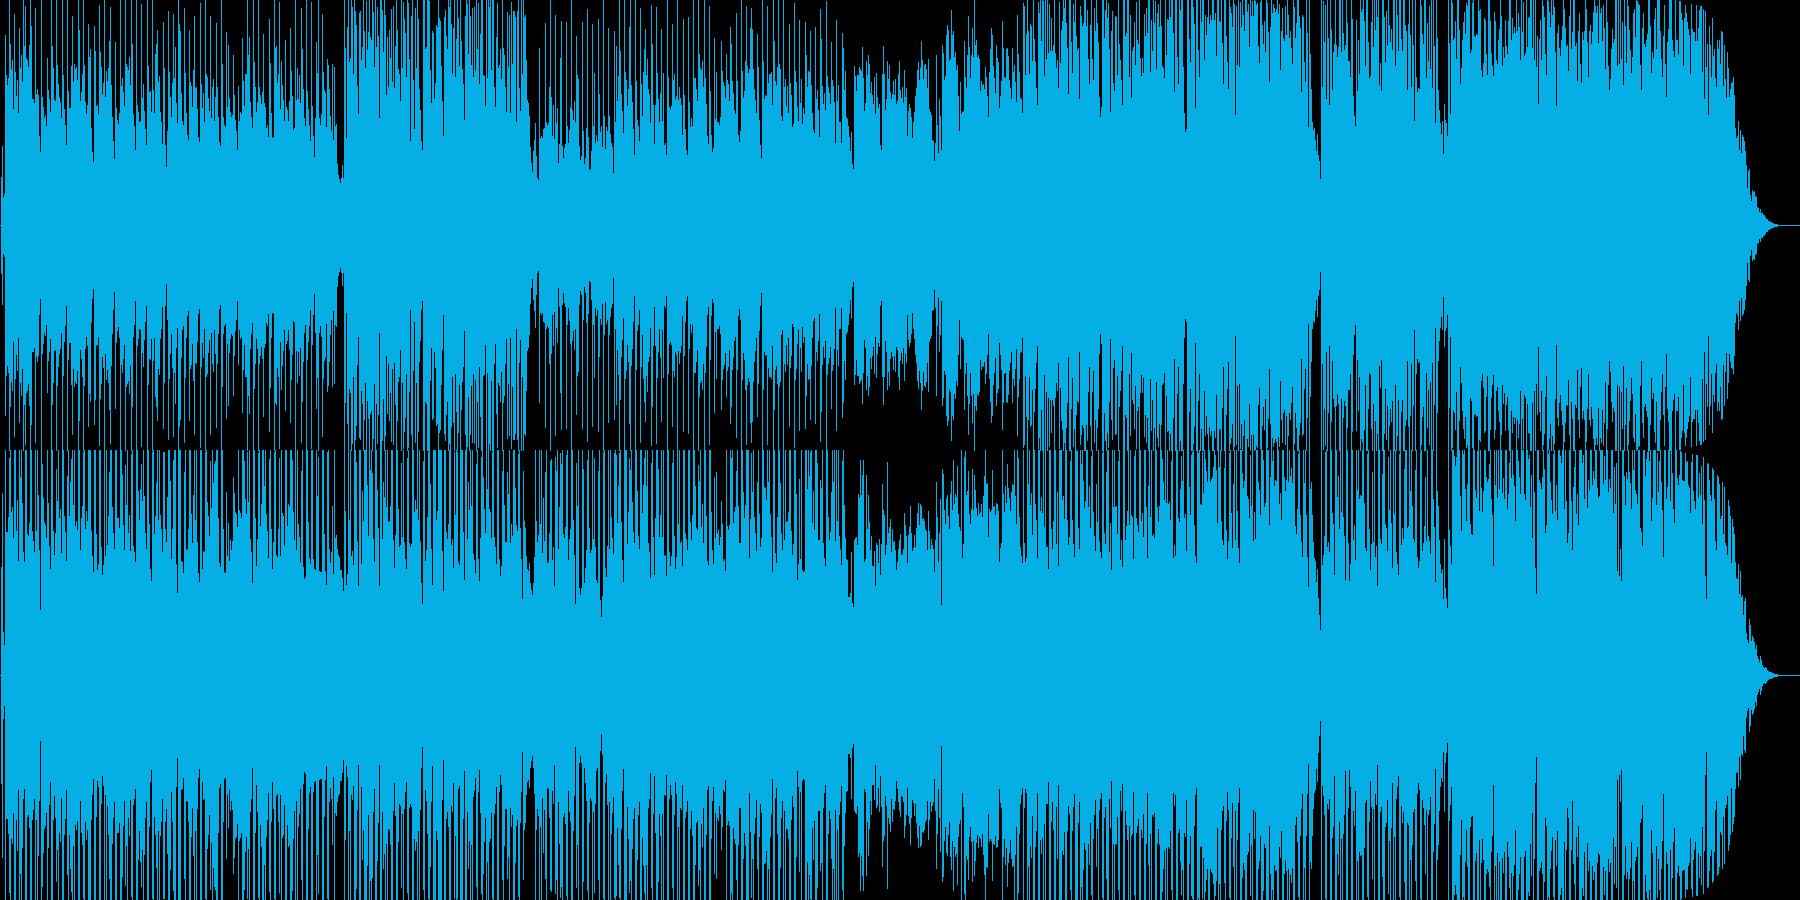 哀愁漂うボサノバ調の楽曲ですの再生済みの波形